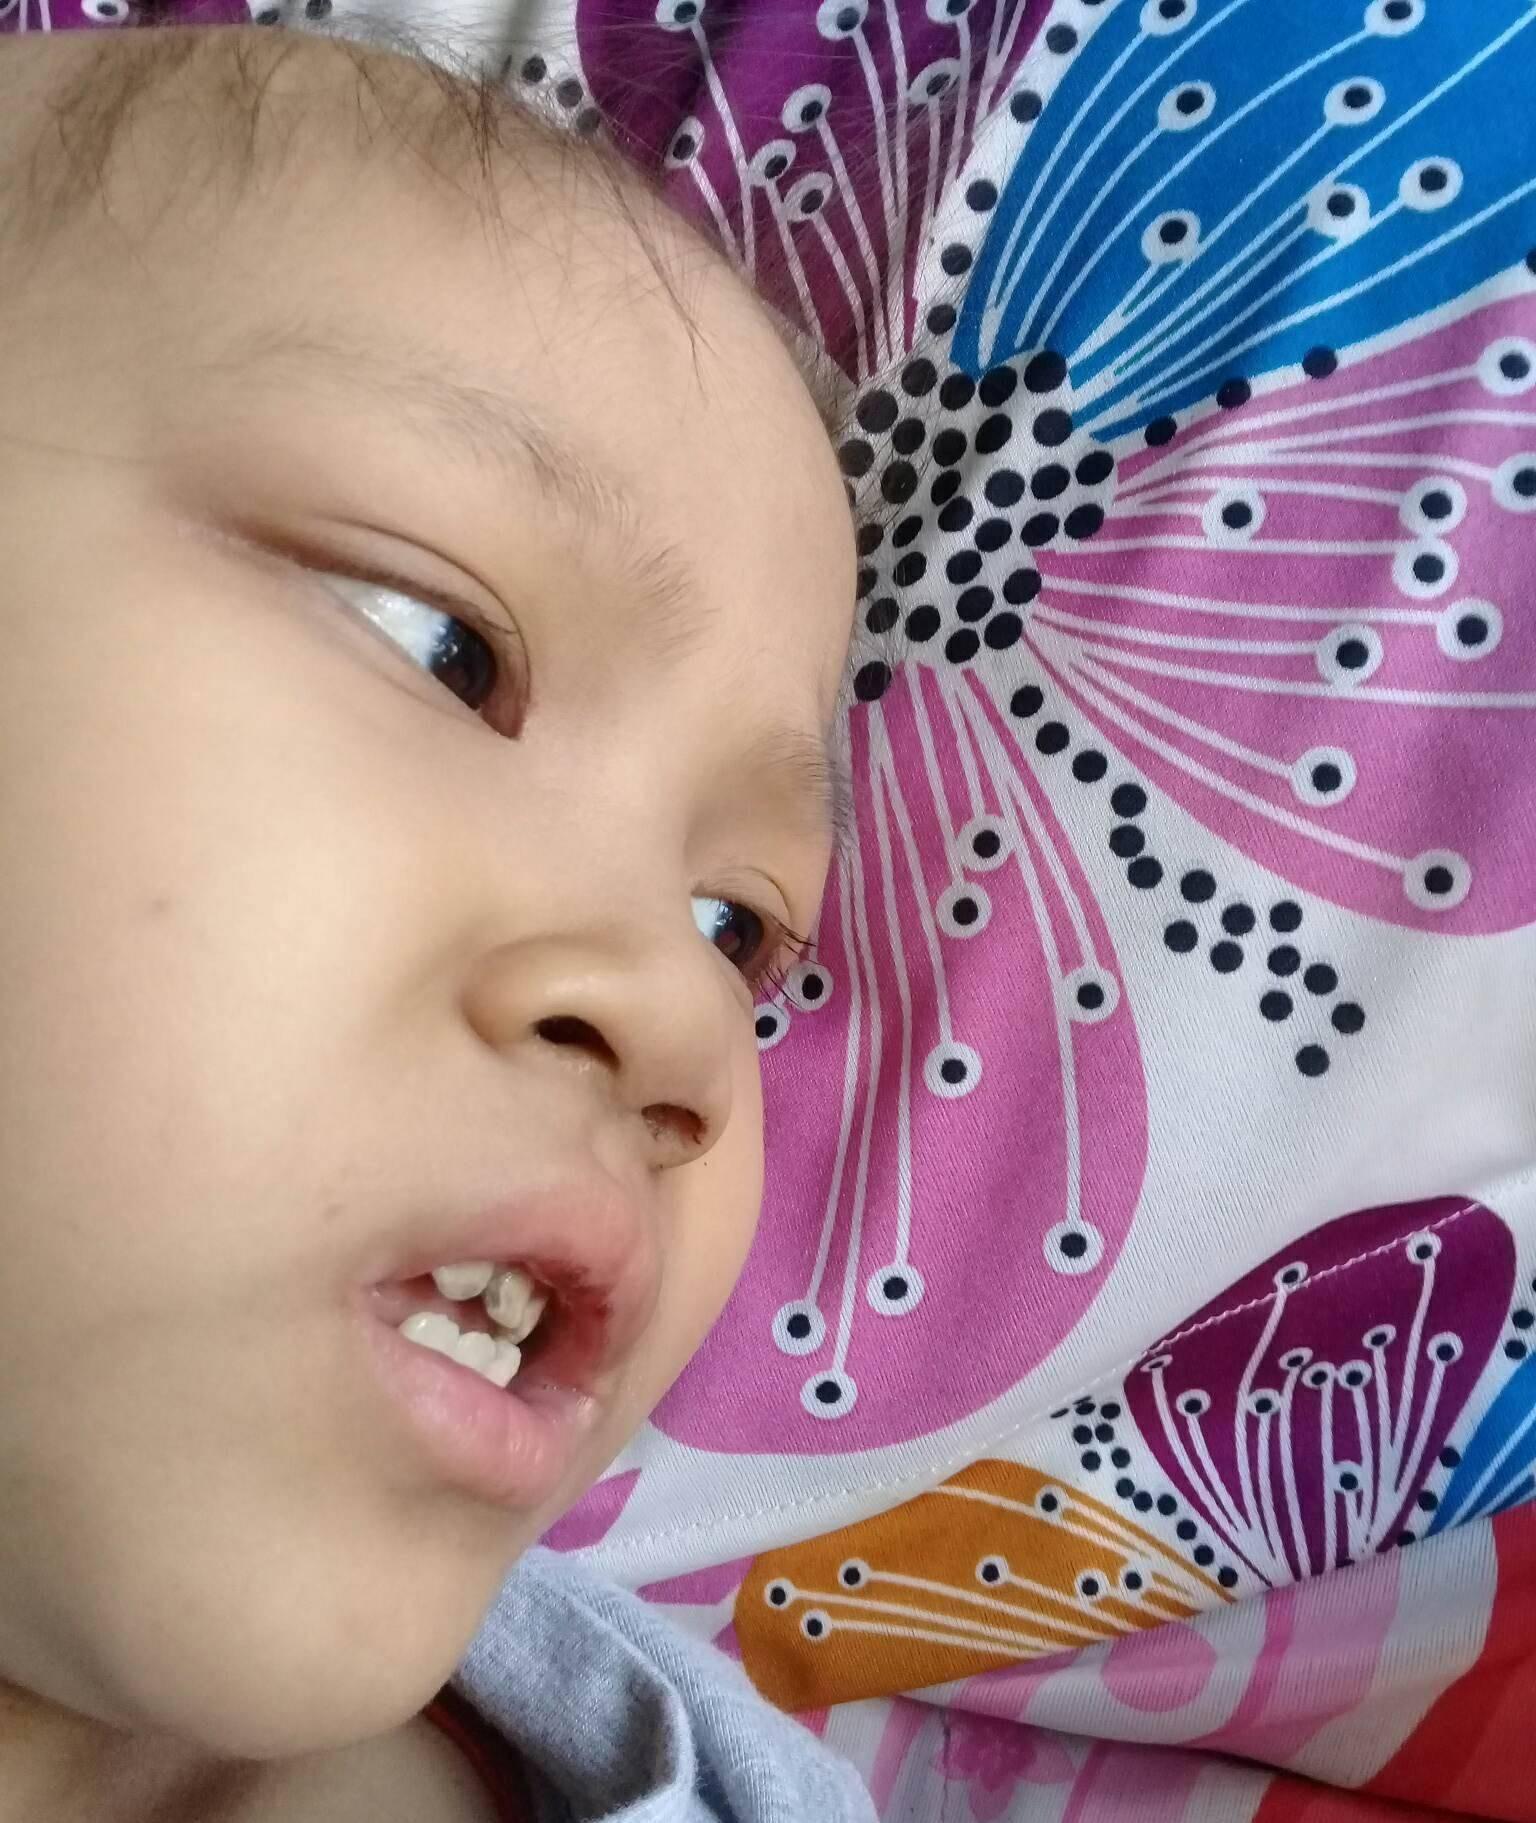 Ước mơ đến trường của cô bé mất 1 chân vì bệnh ung thư - Ảnh 3.